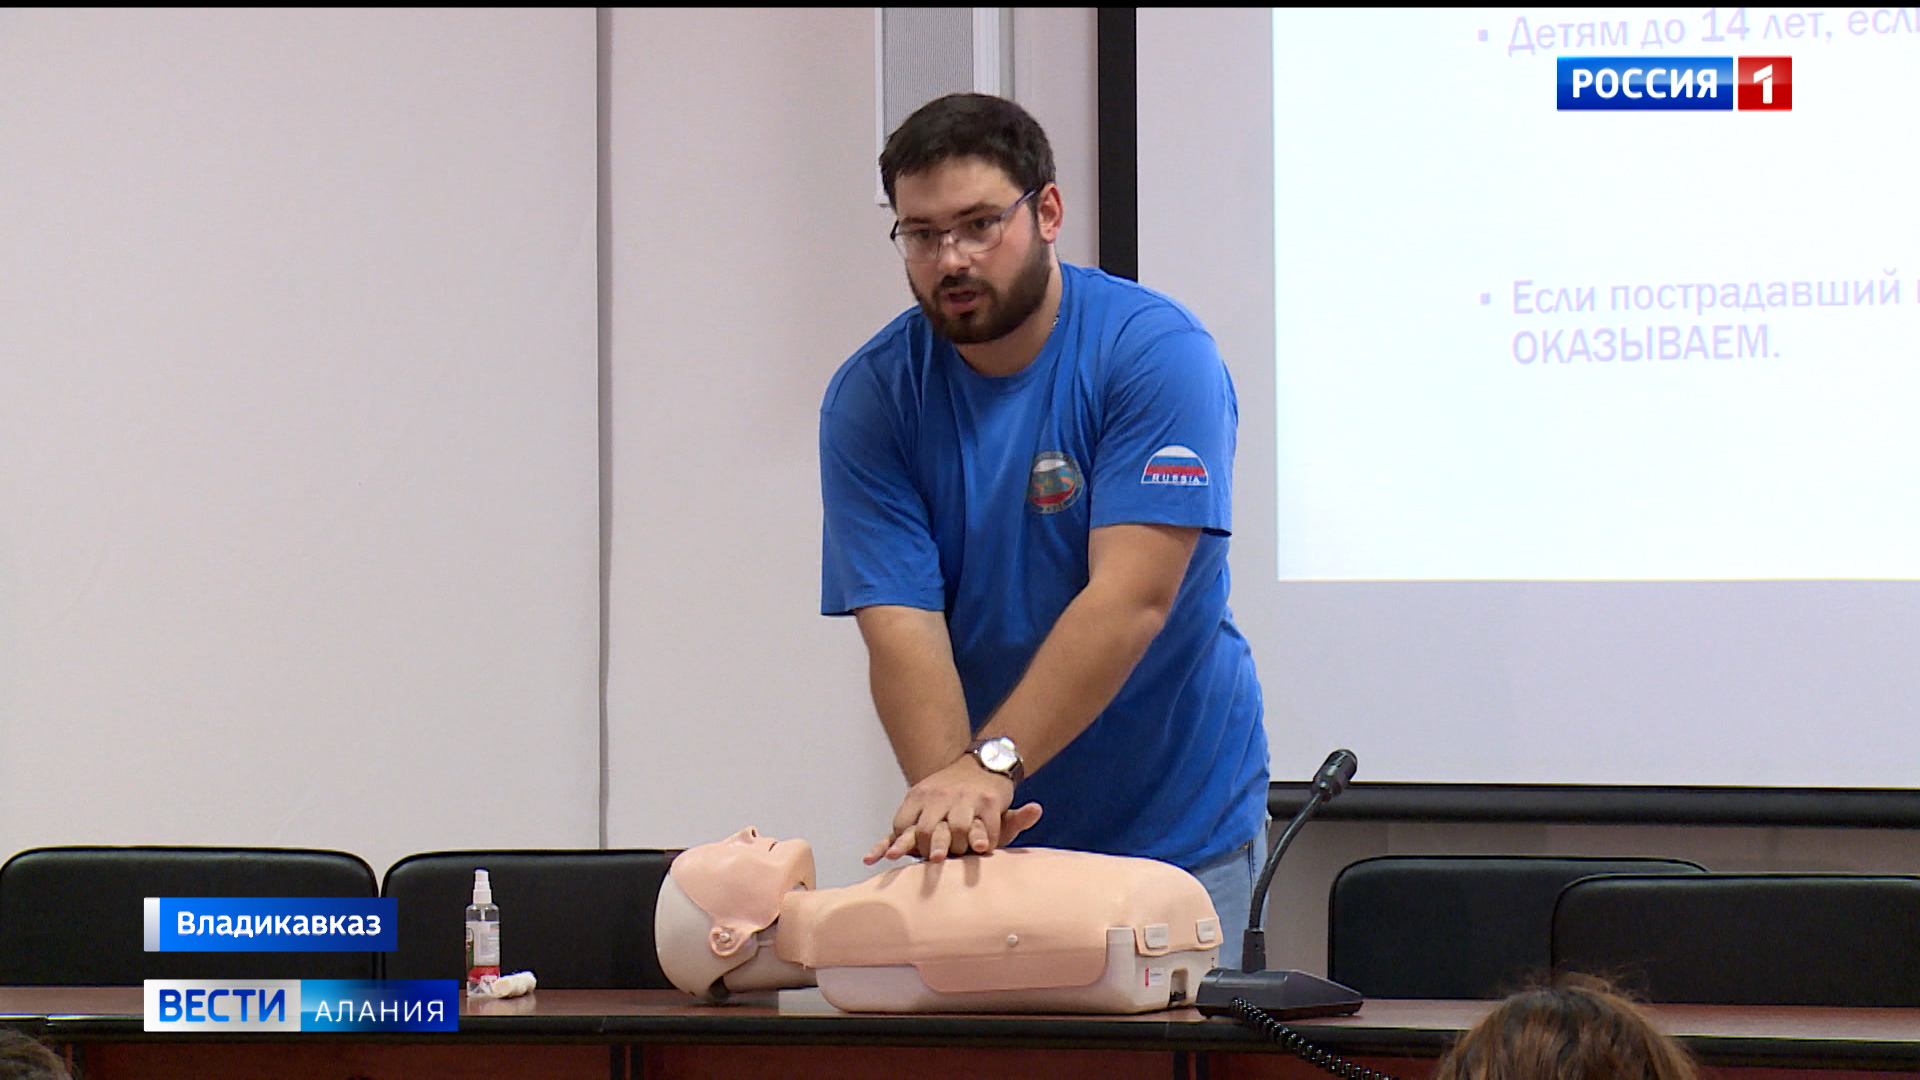 Студентов СОГУ научили правильно оказывать первую медицинскую помощь